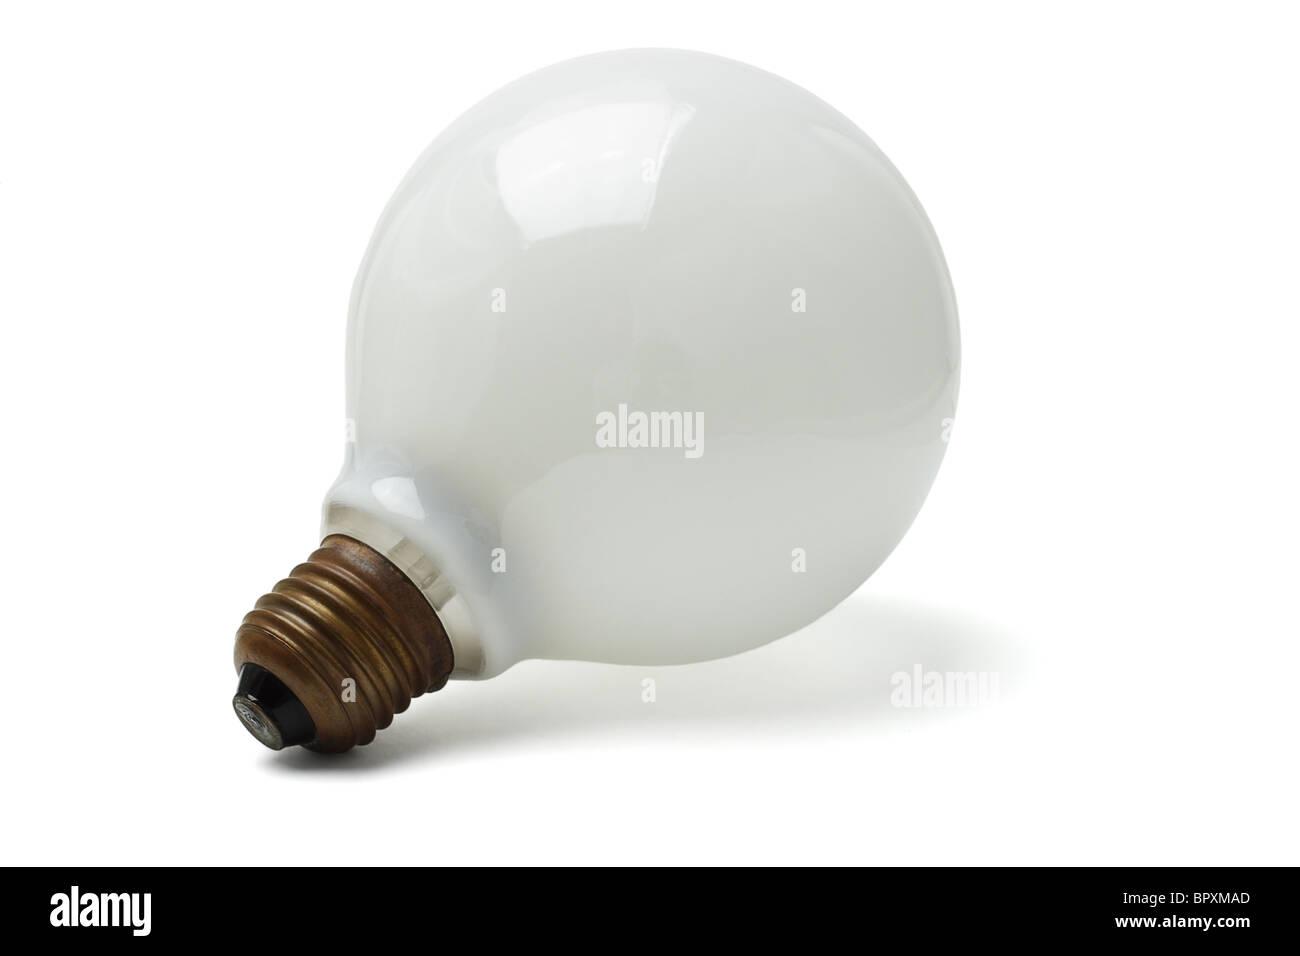 Large electric lightbulb isolated on white background - Stock Image